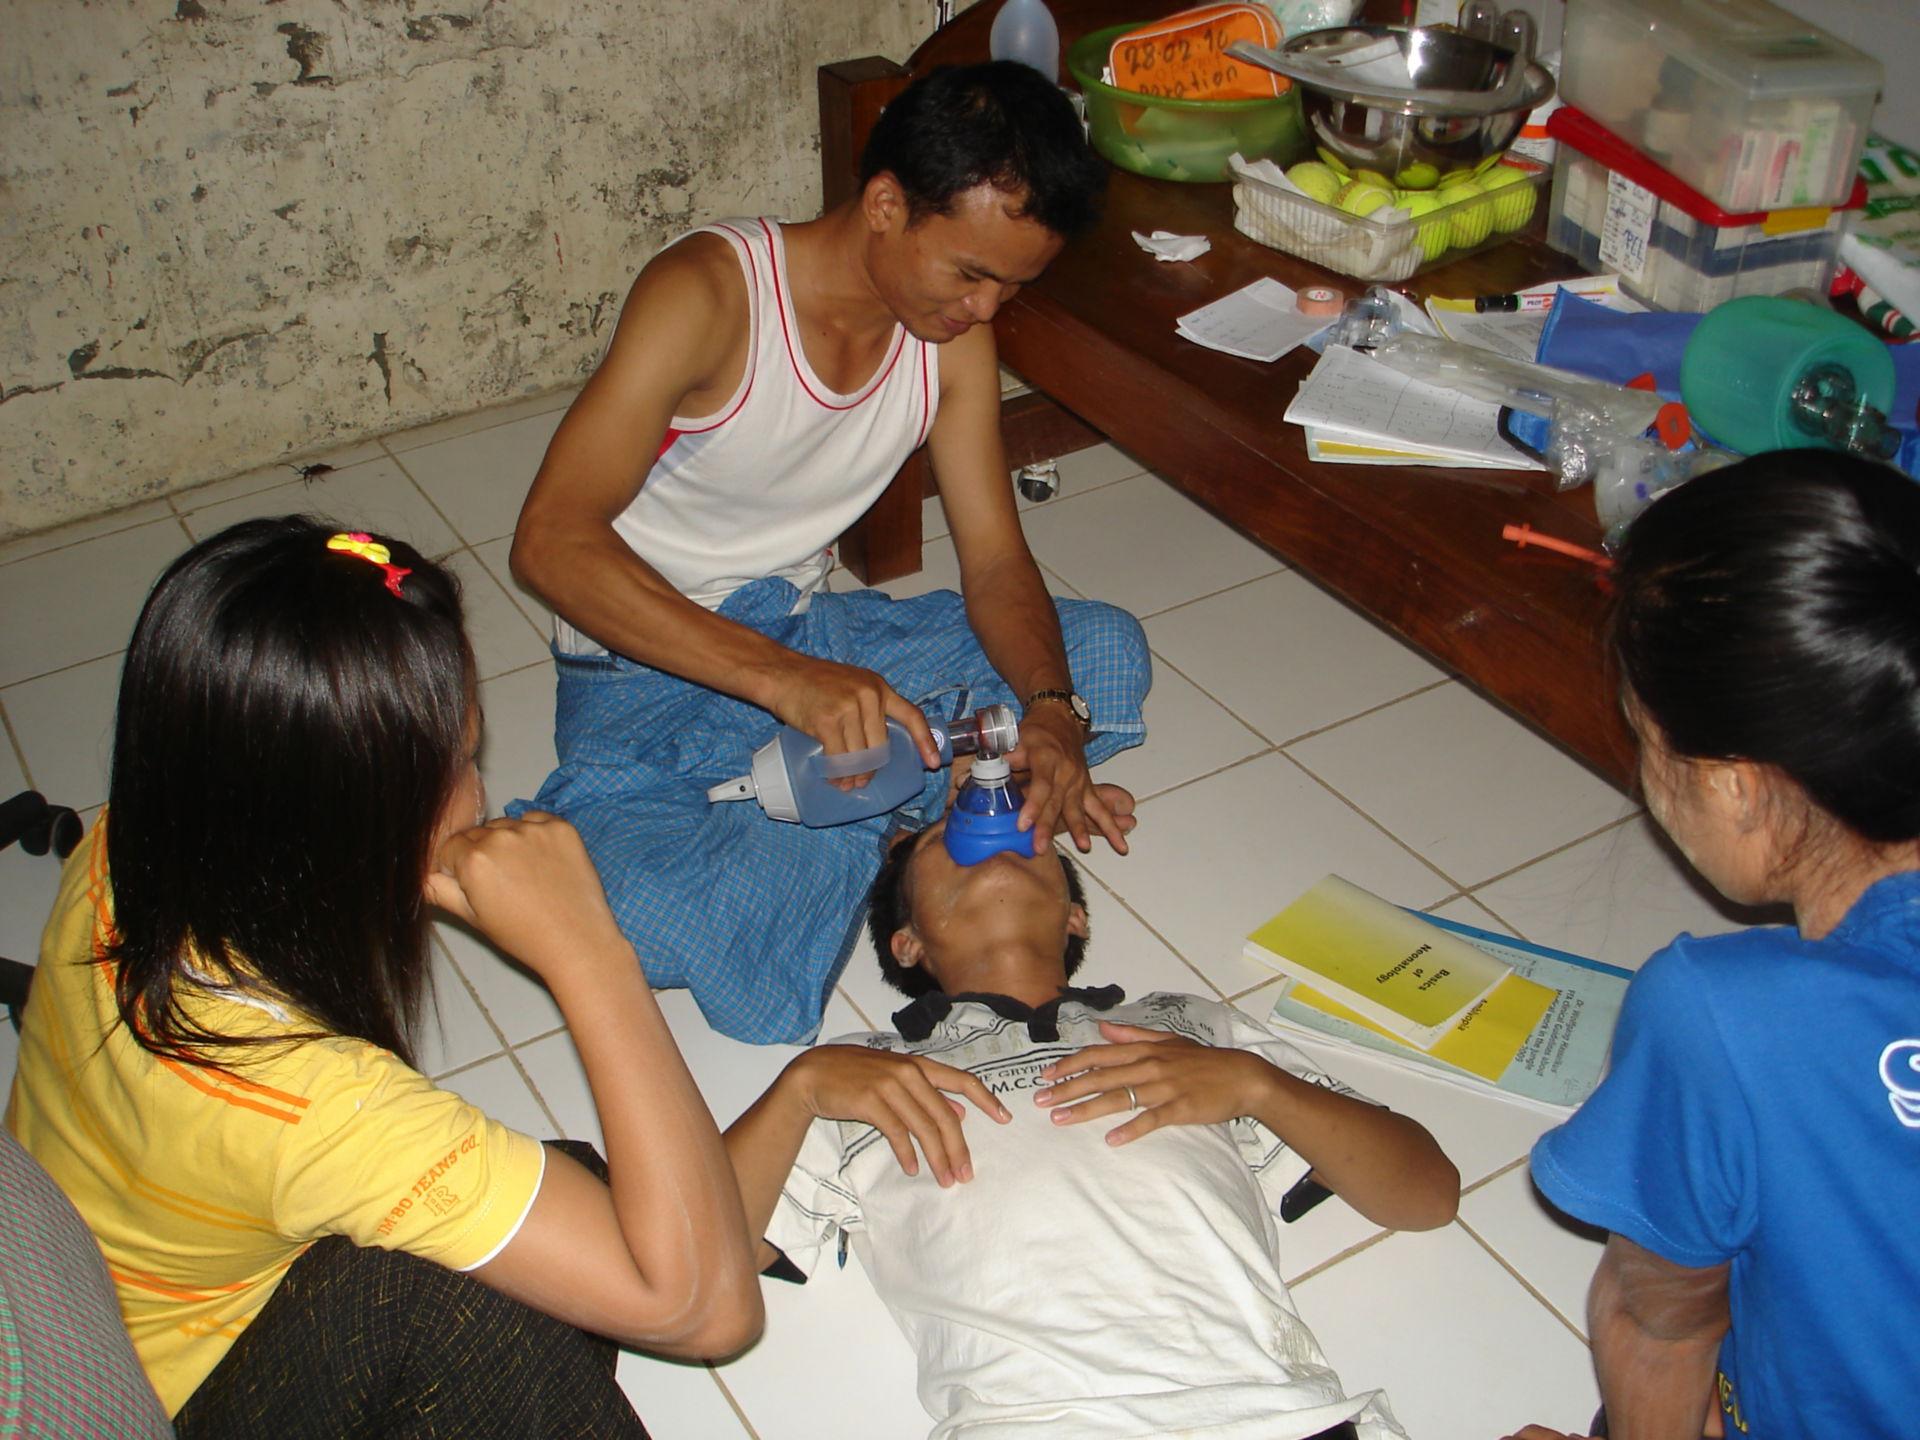 Training von Herz-Kreislauf Notfällen